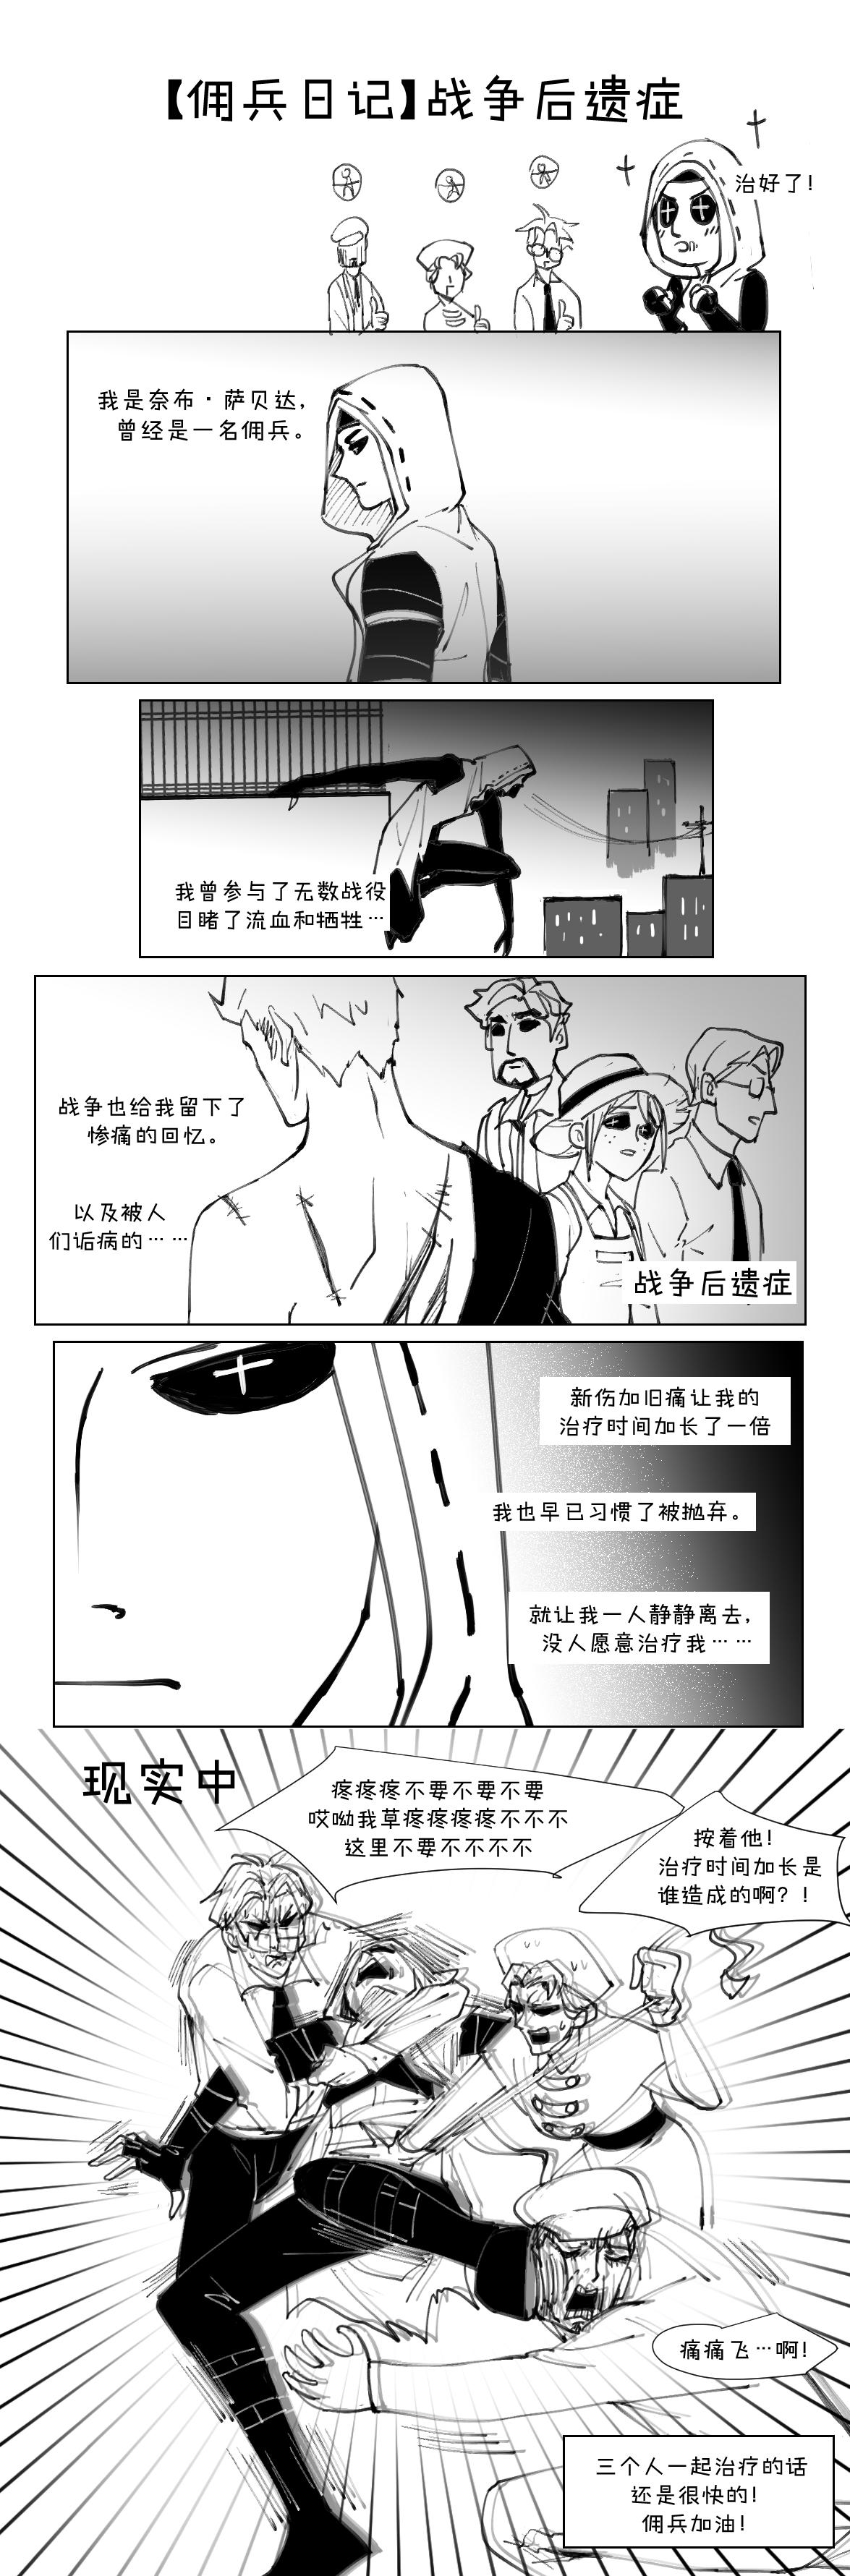 【佣兵日记②】战争后遗症